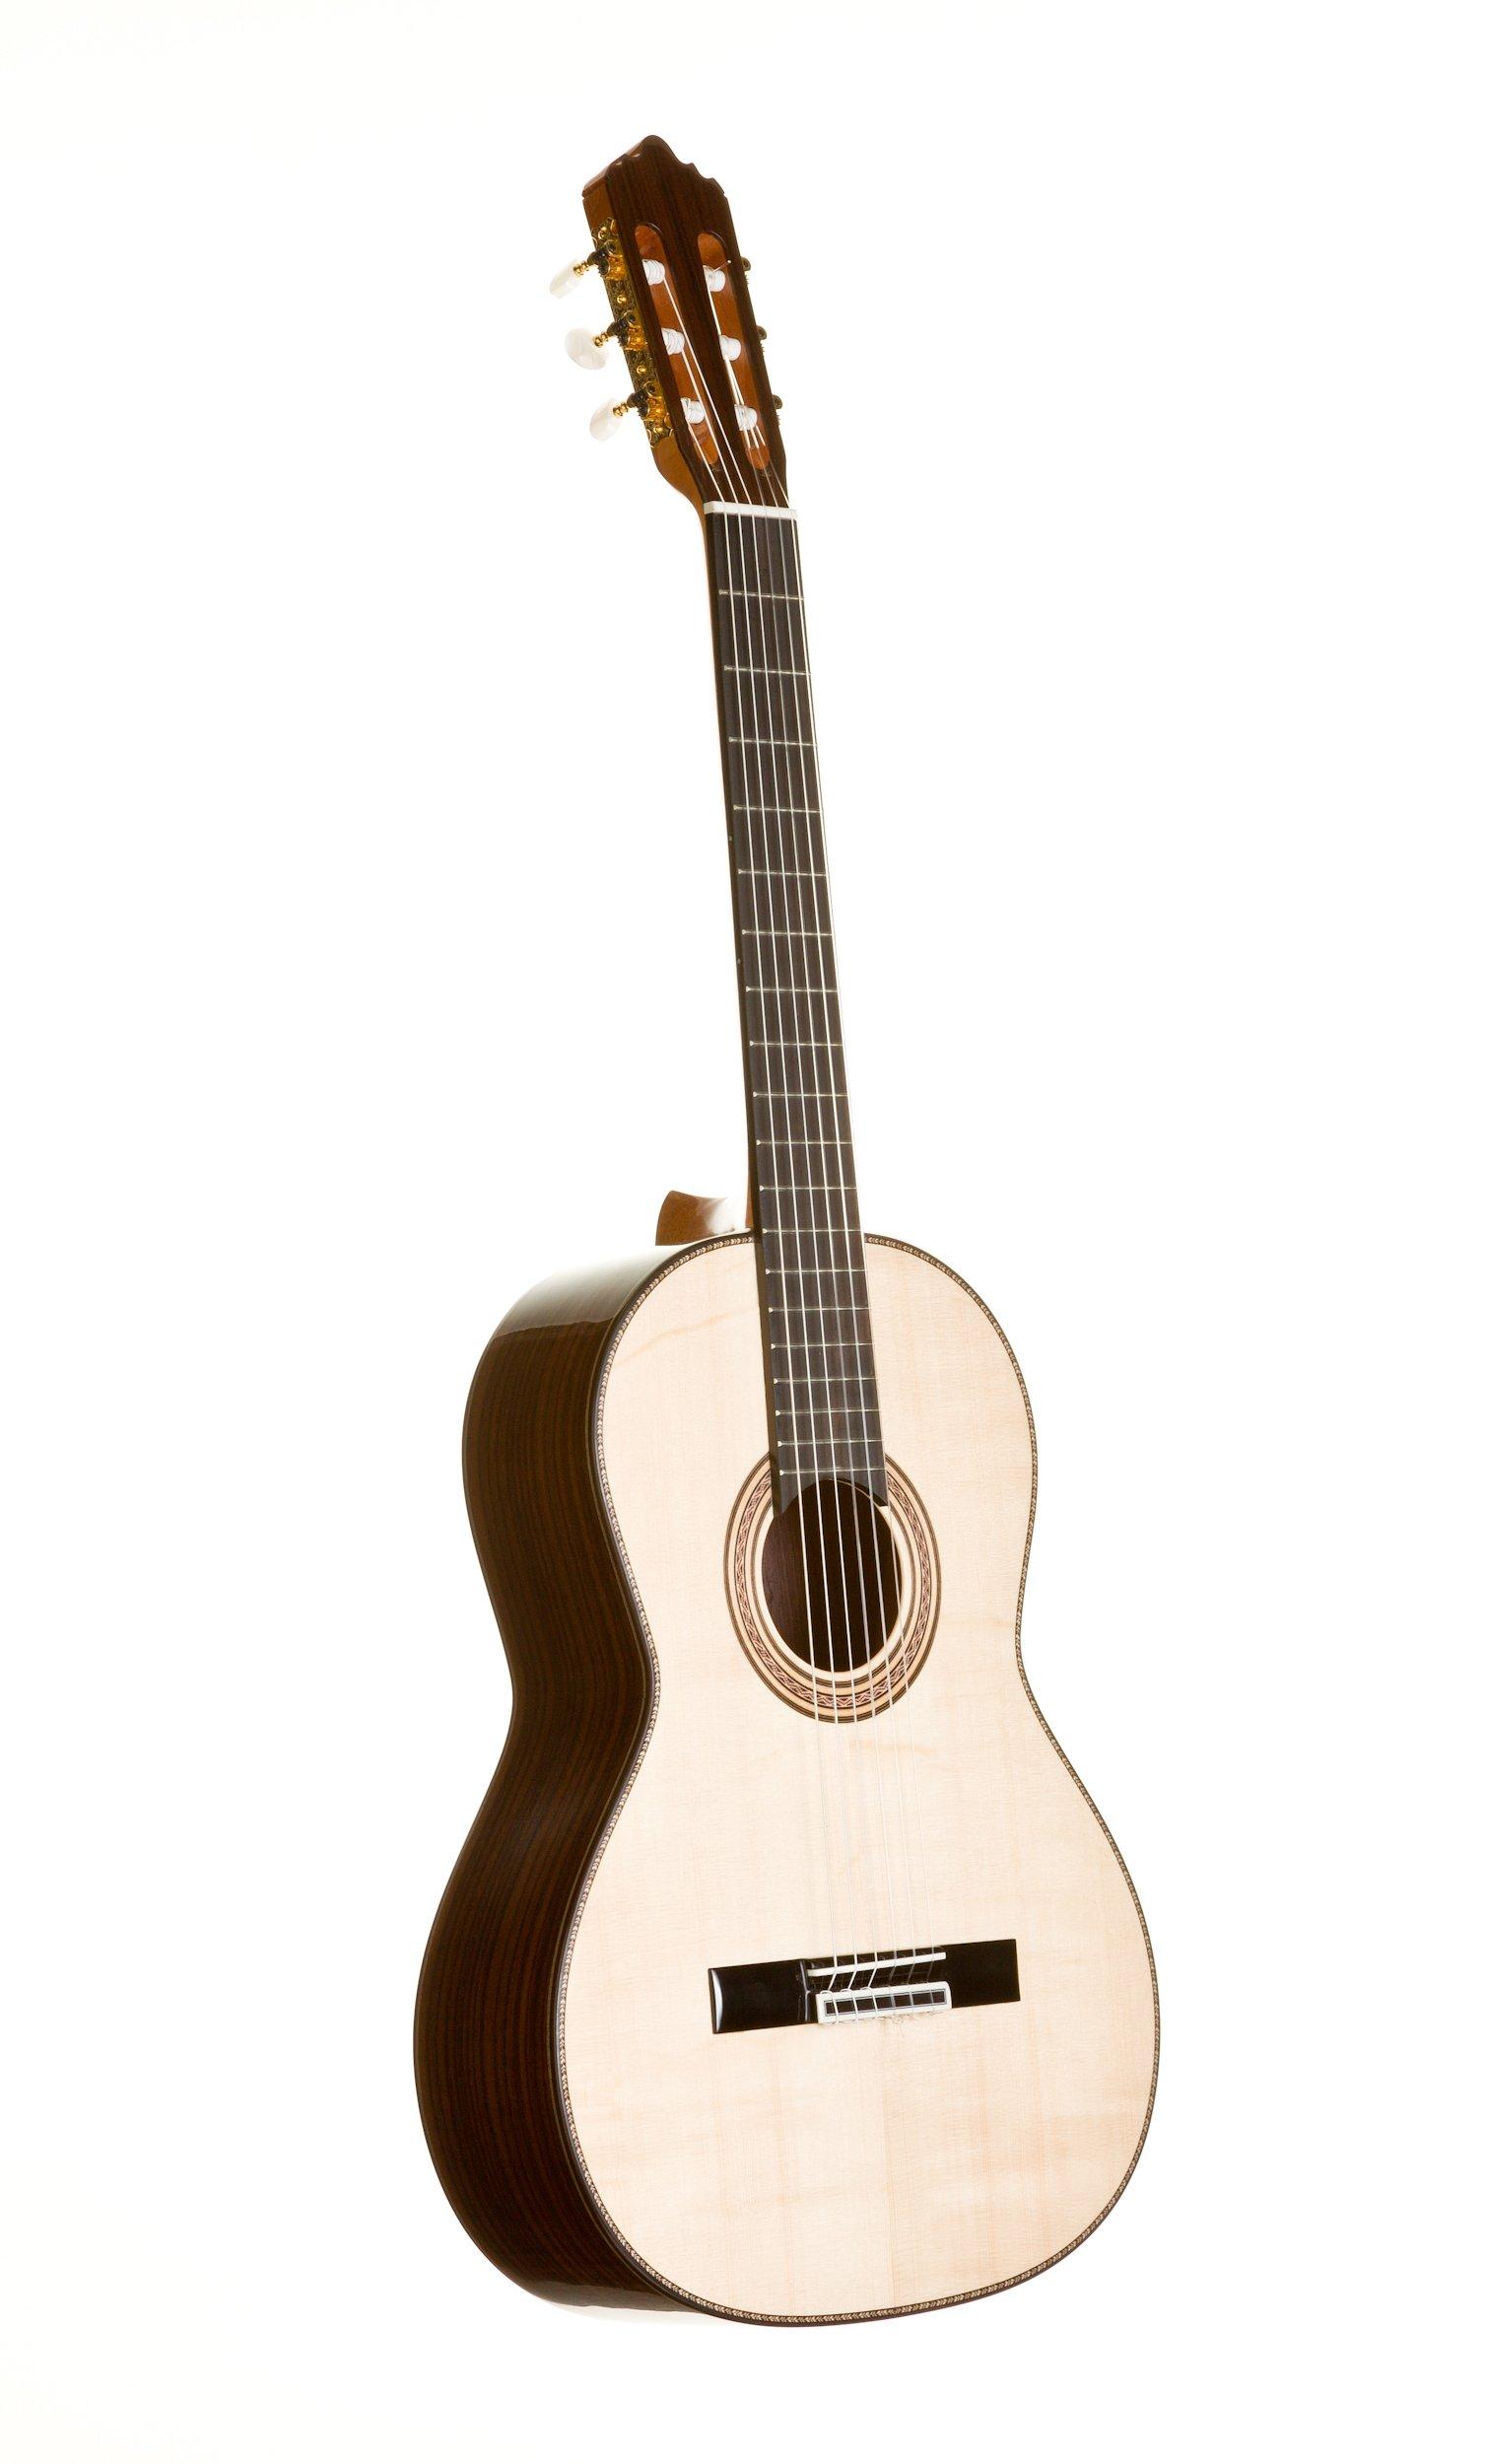 Caderas La Mancha 211.288 clásica 4/4 Mujeres mC luz mas guitarra clásica y se toma enorme mesa aA cuerpo en Suiza abeto grado: Amazon.es: Instrumentos musicales